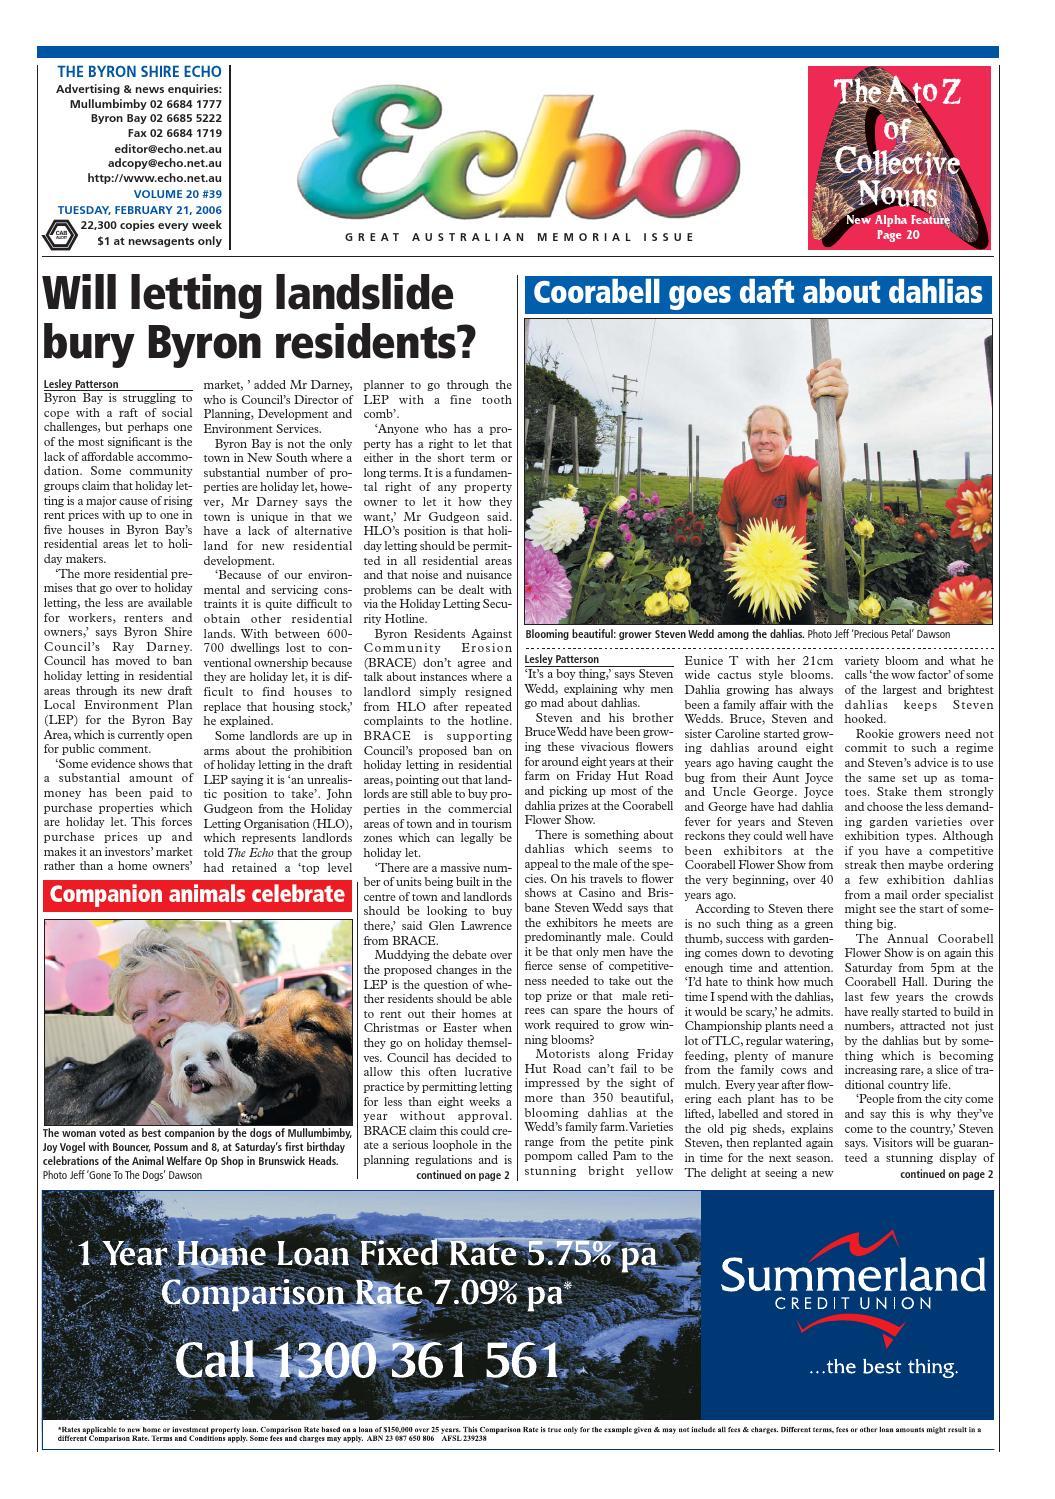 Byron Shire Echo – Issue 20.39 – 21 02 2006 by Echo Publications - issuu f73685311748